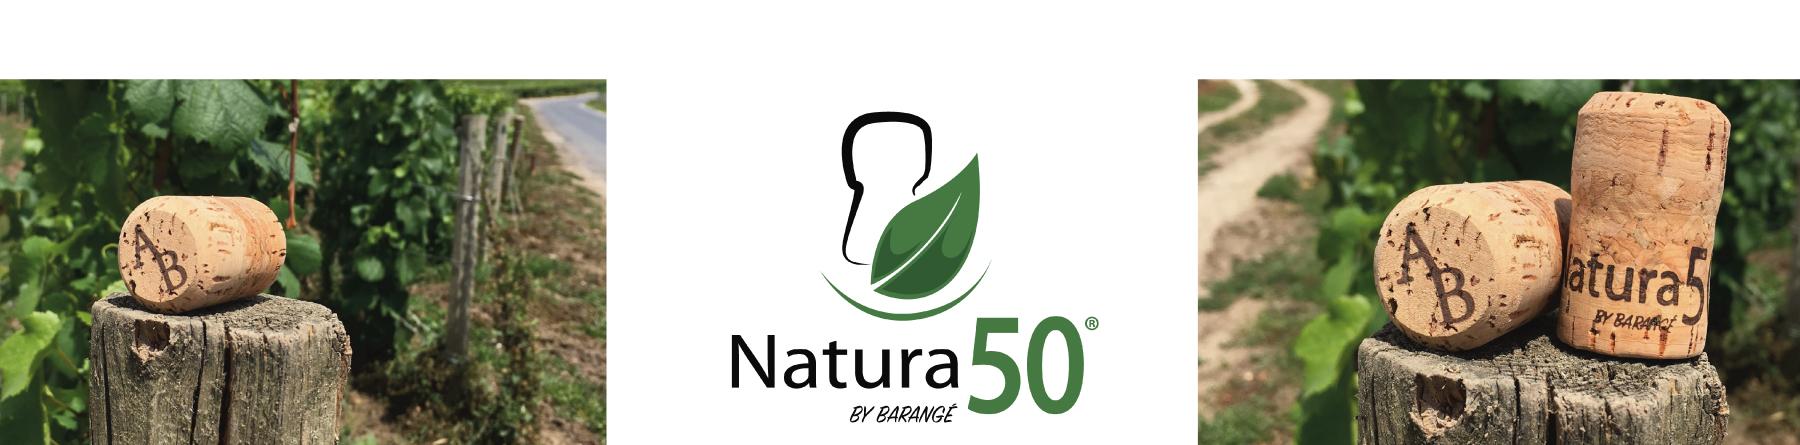 Natura50